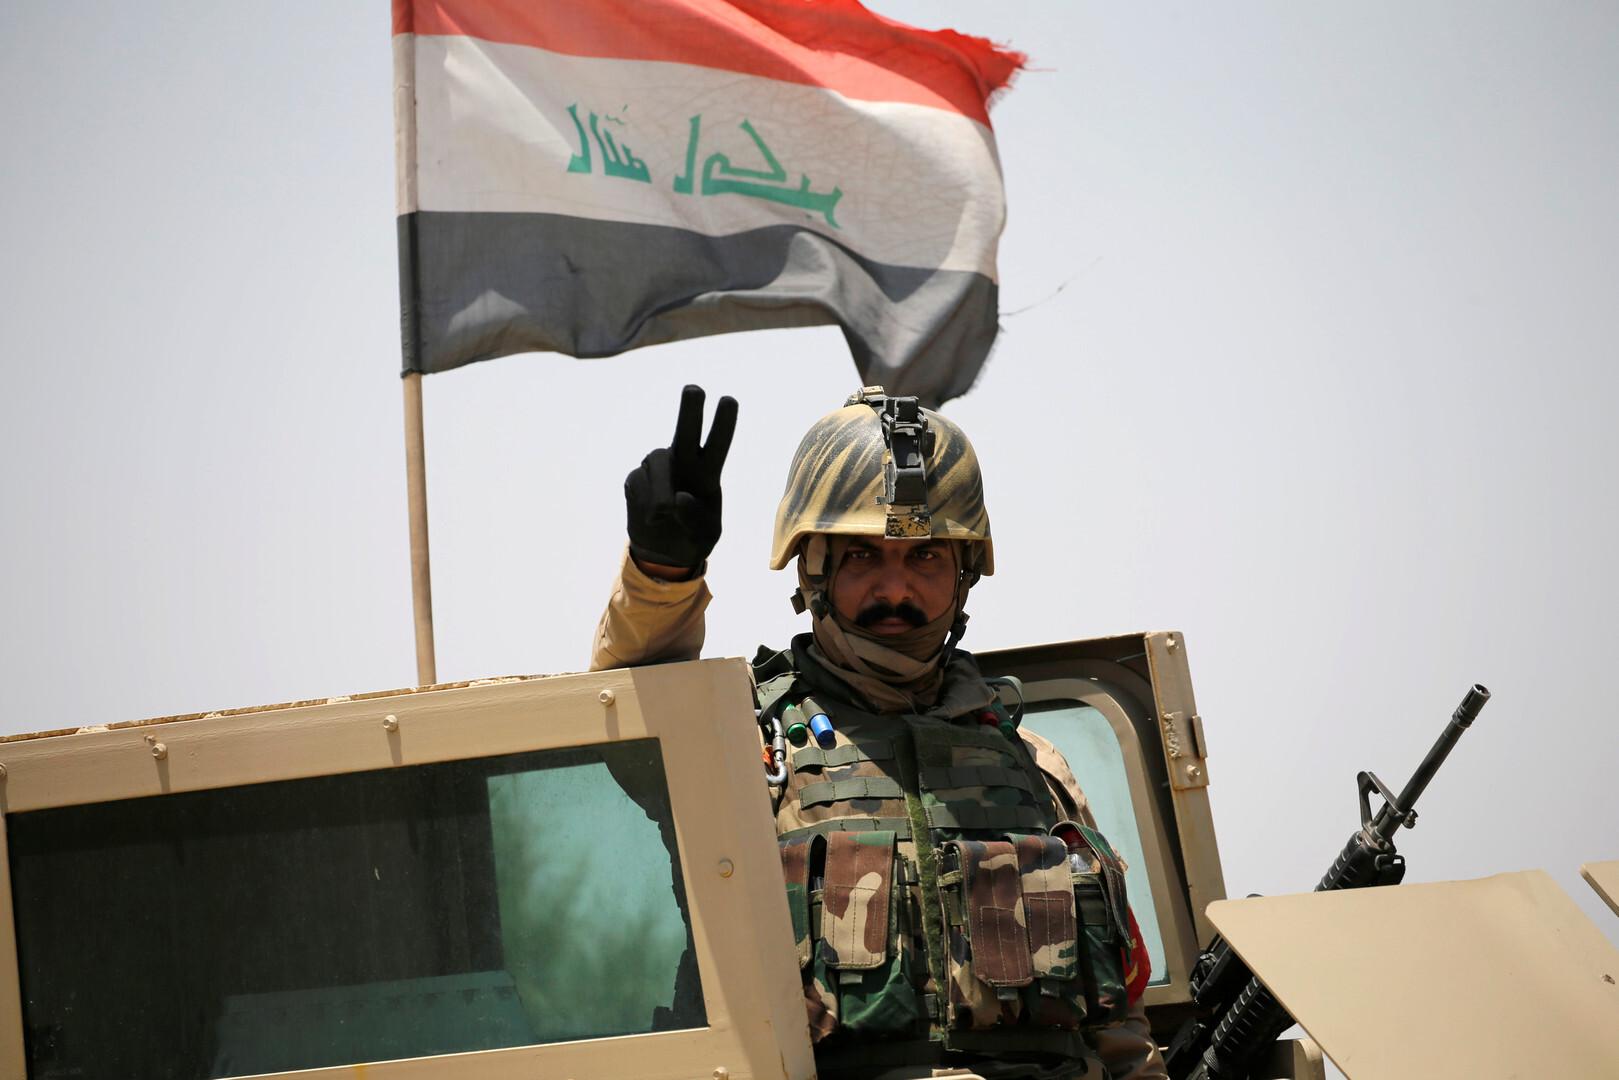 اجتمع بالزرقاوي وأفتى بقتل القوات العراقية.. حكمان بالإعدام للمفتي الشرعي لتنظيم